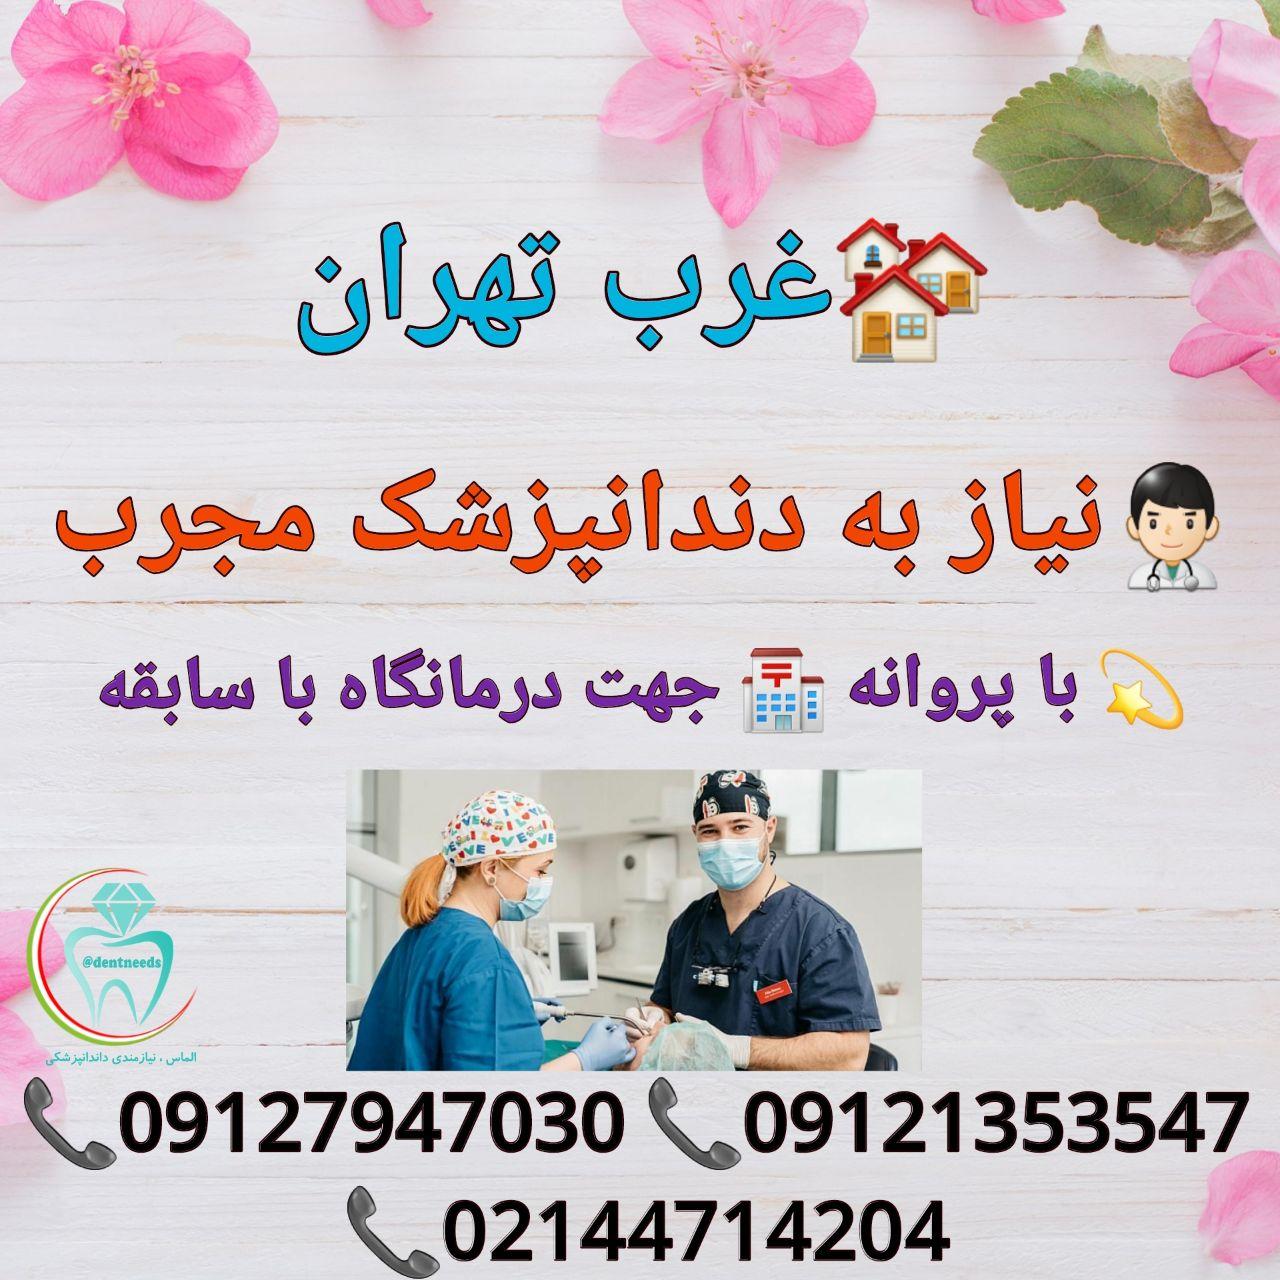 غرب تهران، نیاز به دندانپزشک مجرب